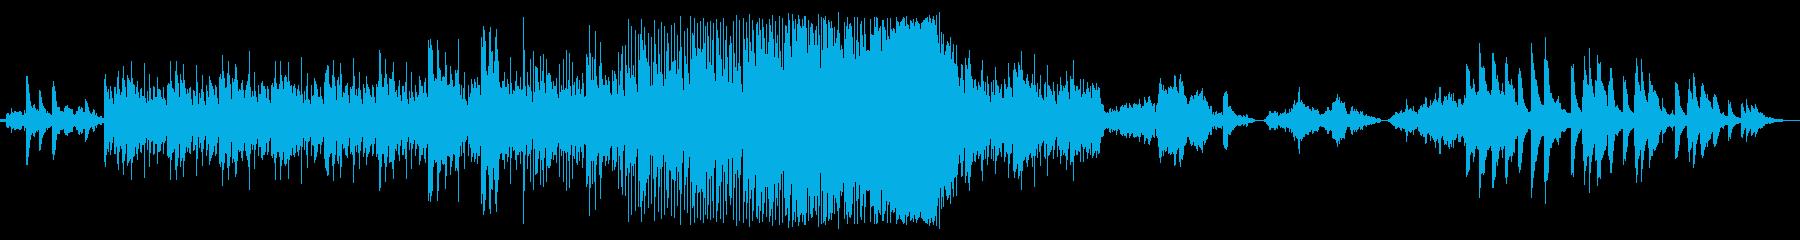 ピアノとエレクトリックの夜空の音楽の再生済みの波形